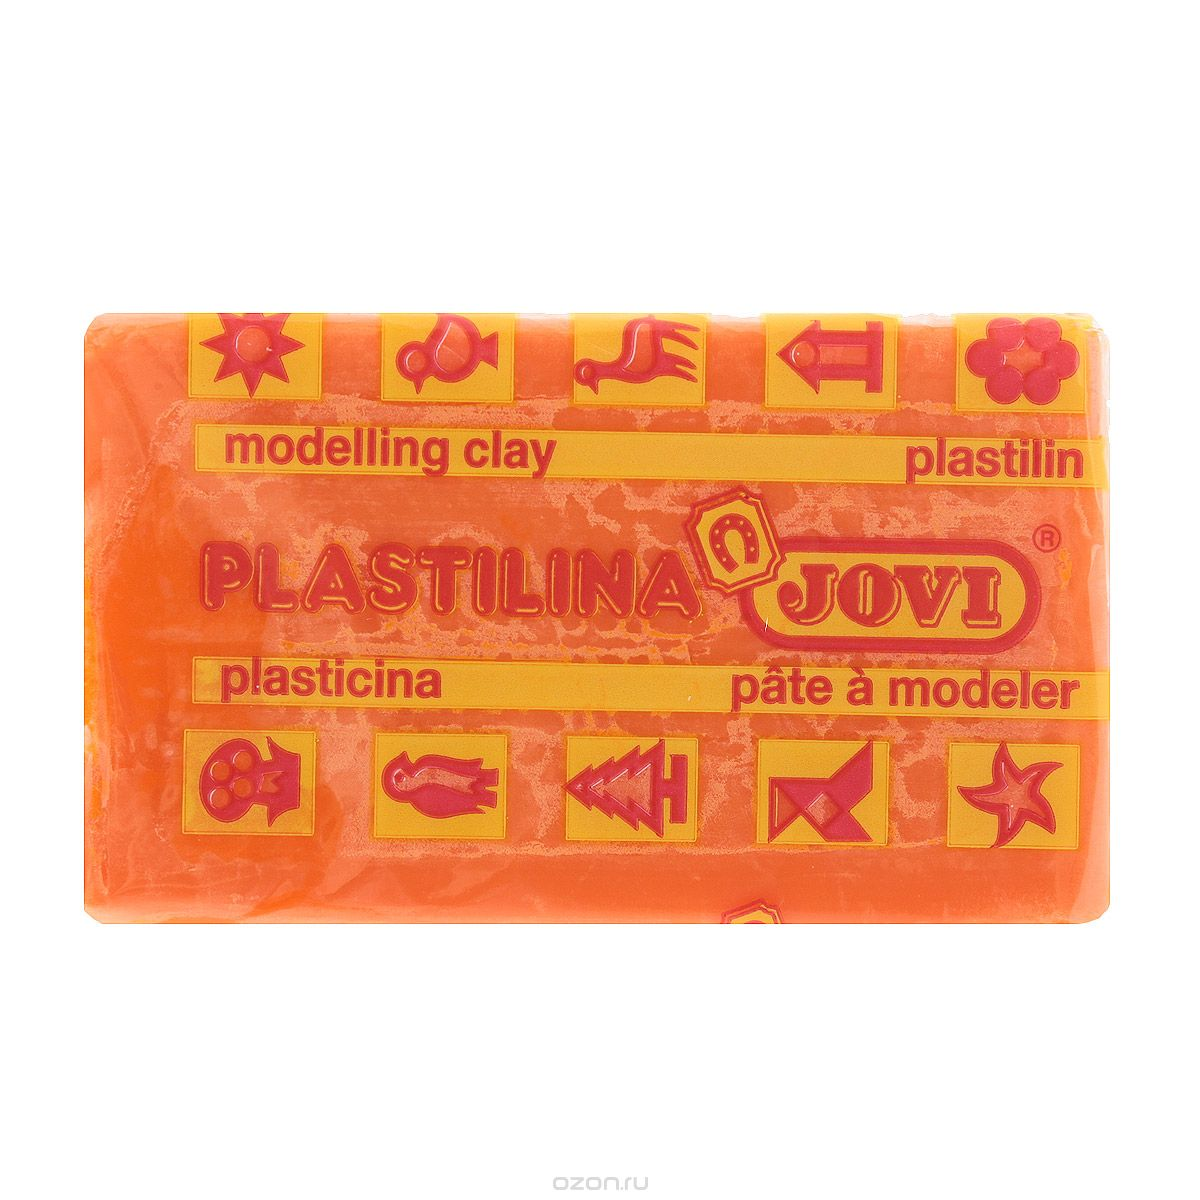 Jovi Пластилин, цвет: оранжевый, 50 г jovi набор мягкой пасты и аксессуаров для лепки огород